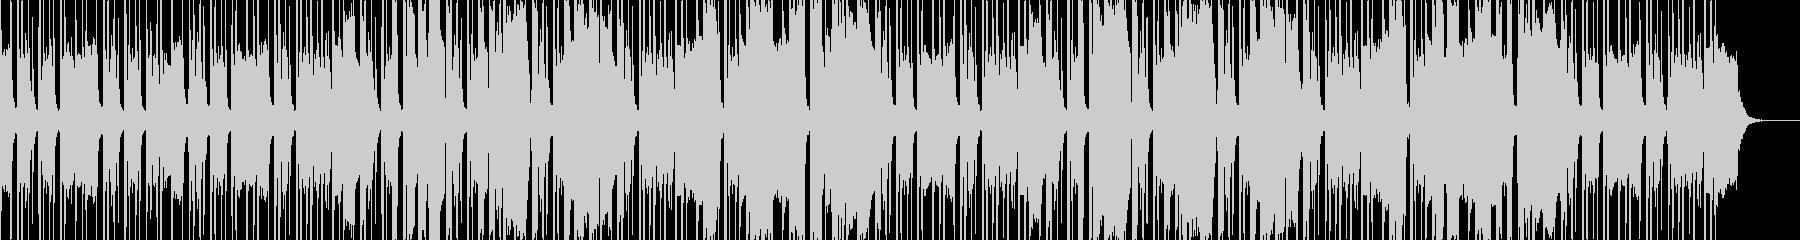 落ち着いたJazzyウッドベースサックスの未再生の波形